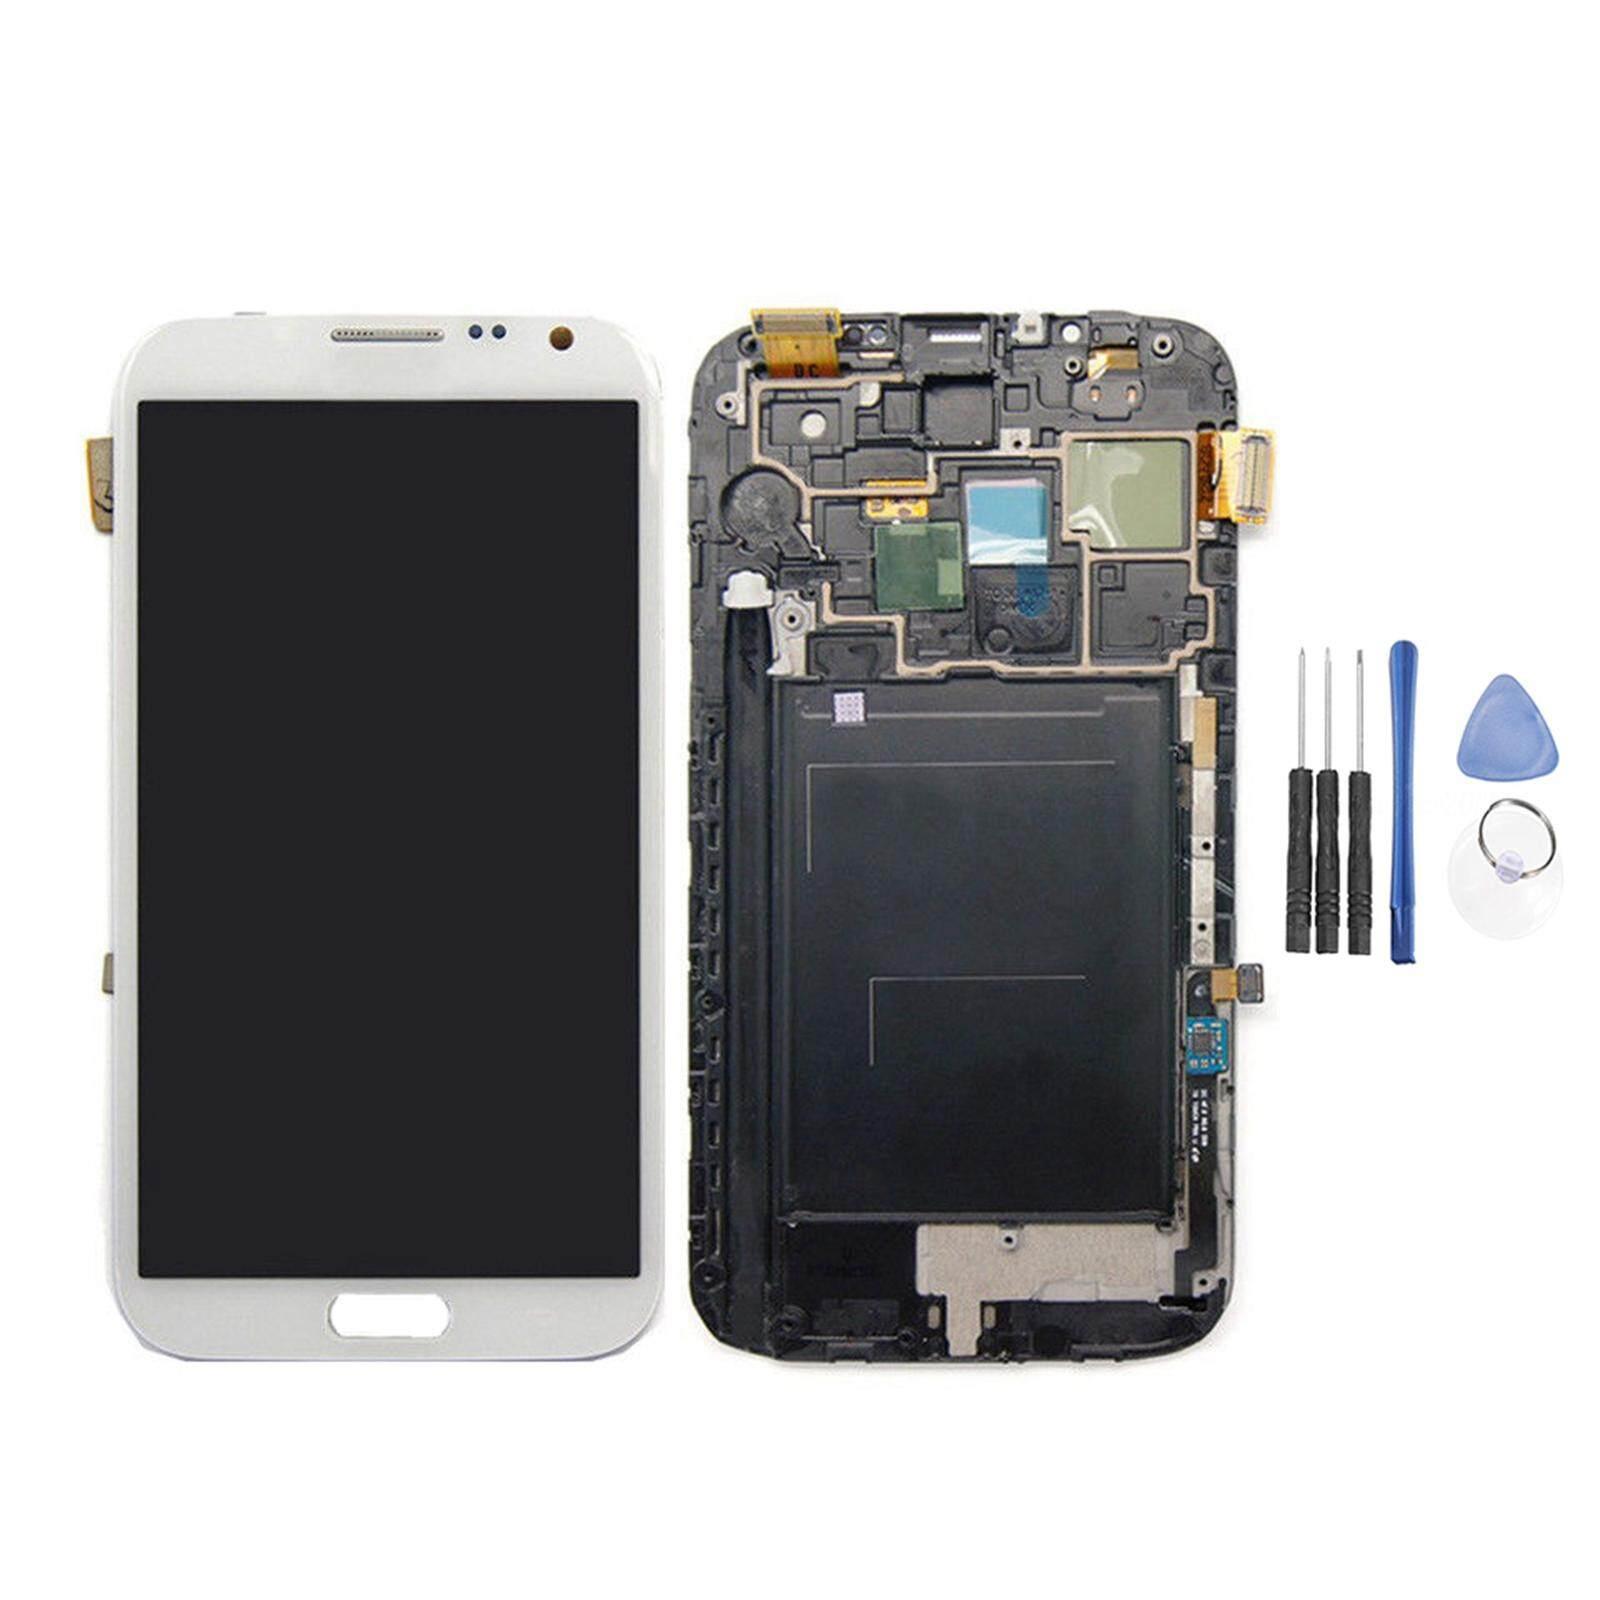 Tampilan LCD Baru Layar Rakitan Digitizer Sembuh untuk Samsung Galaxy Note 2 II N7100 (dengan Frame)